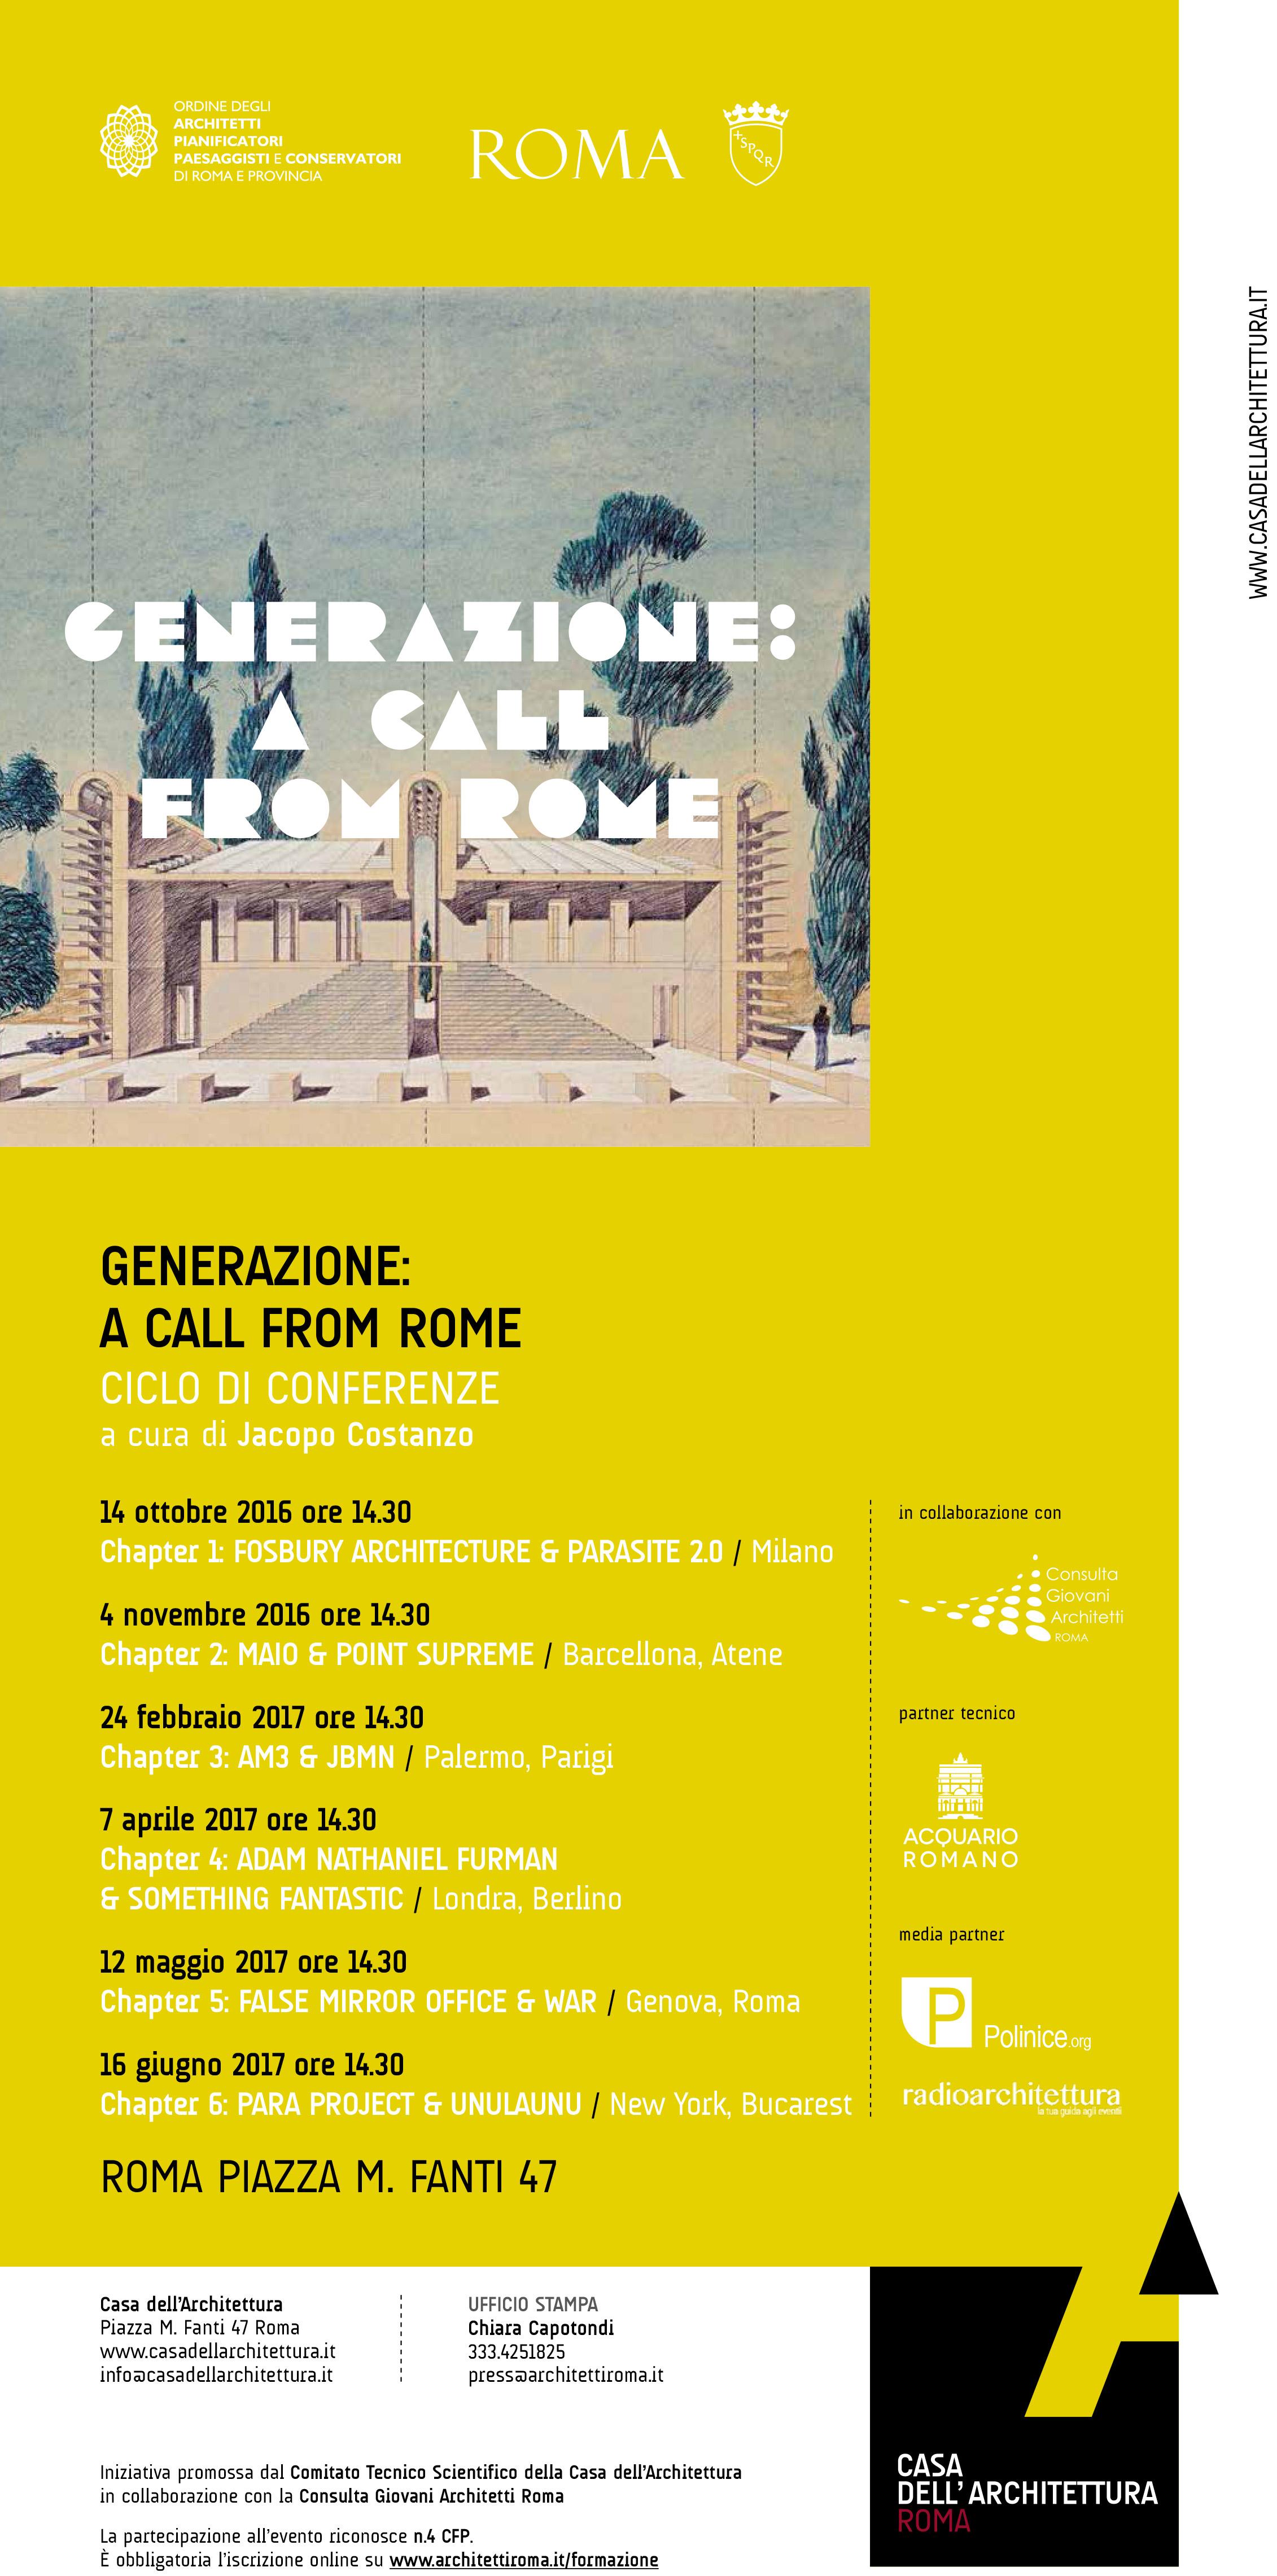 Generazione: A call from Rome